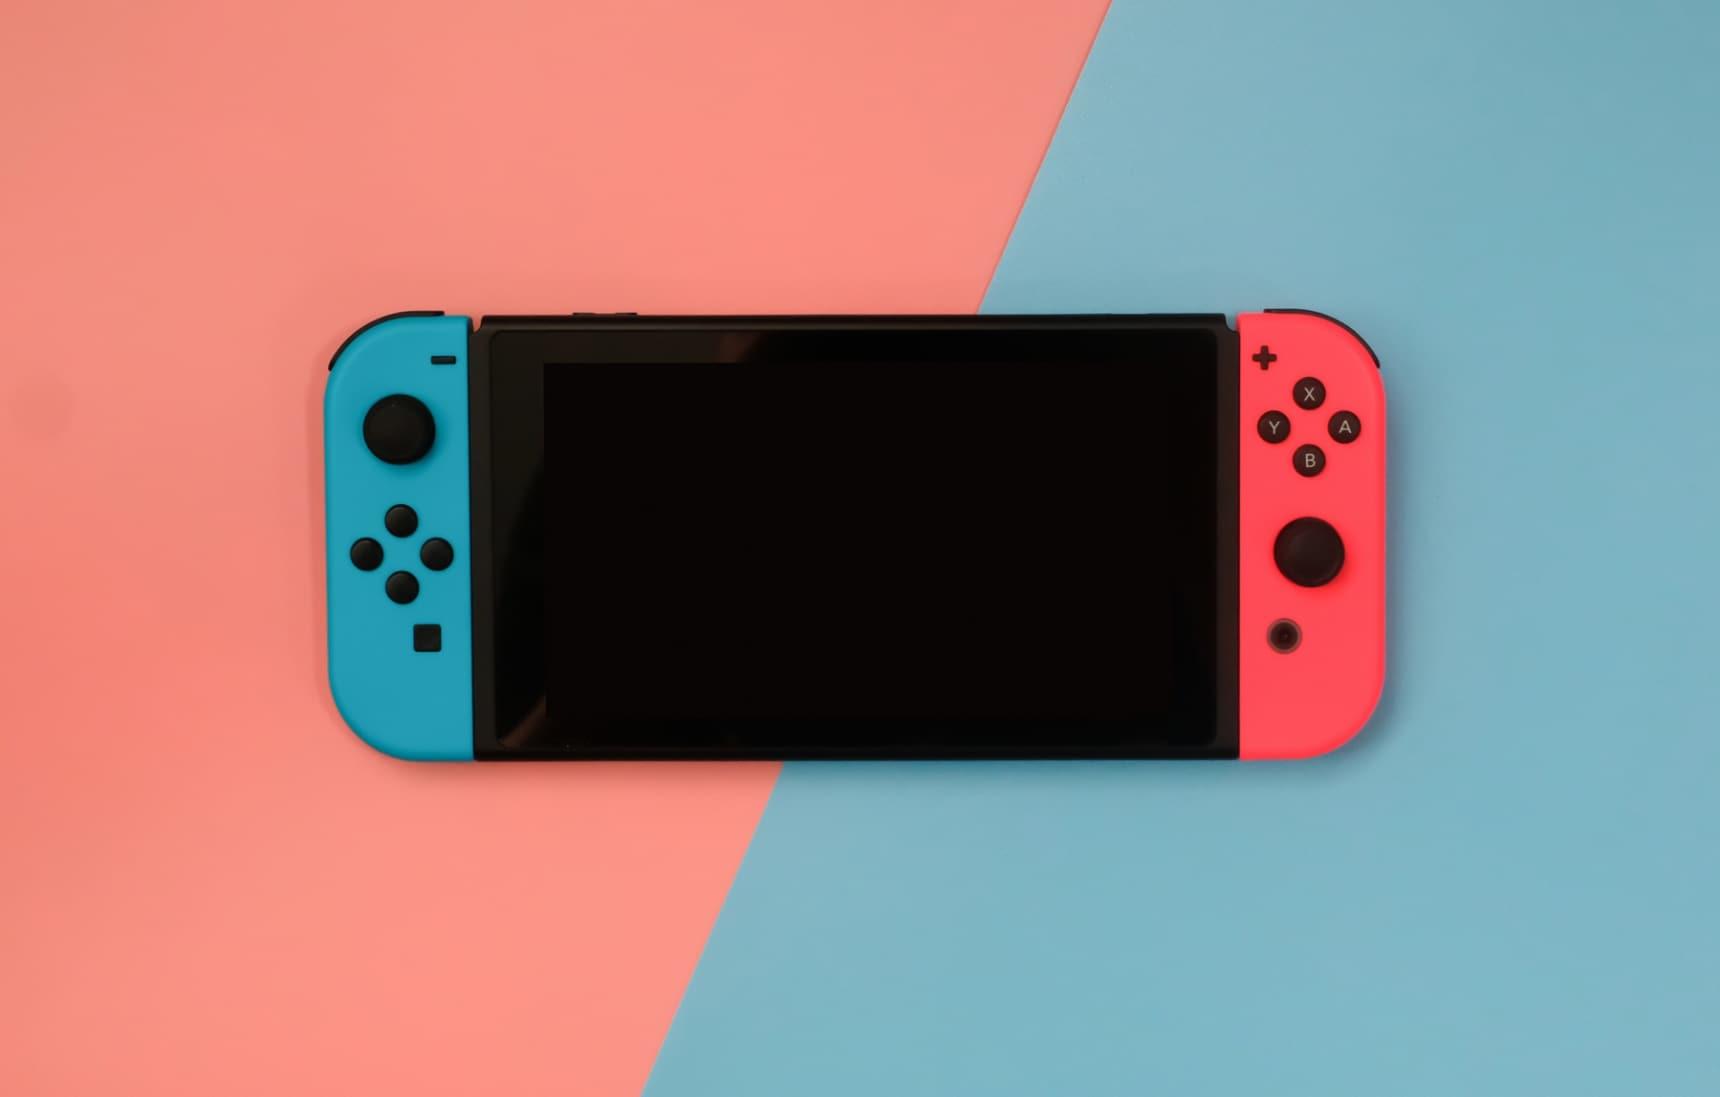 酷玩日本:任天堂Switch凭什么虏获全世界芳心?不仅能收获开心,这几款游戏错过就亏大了!